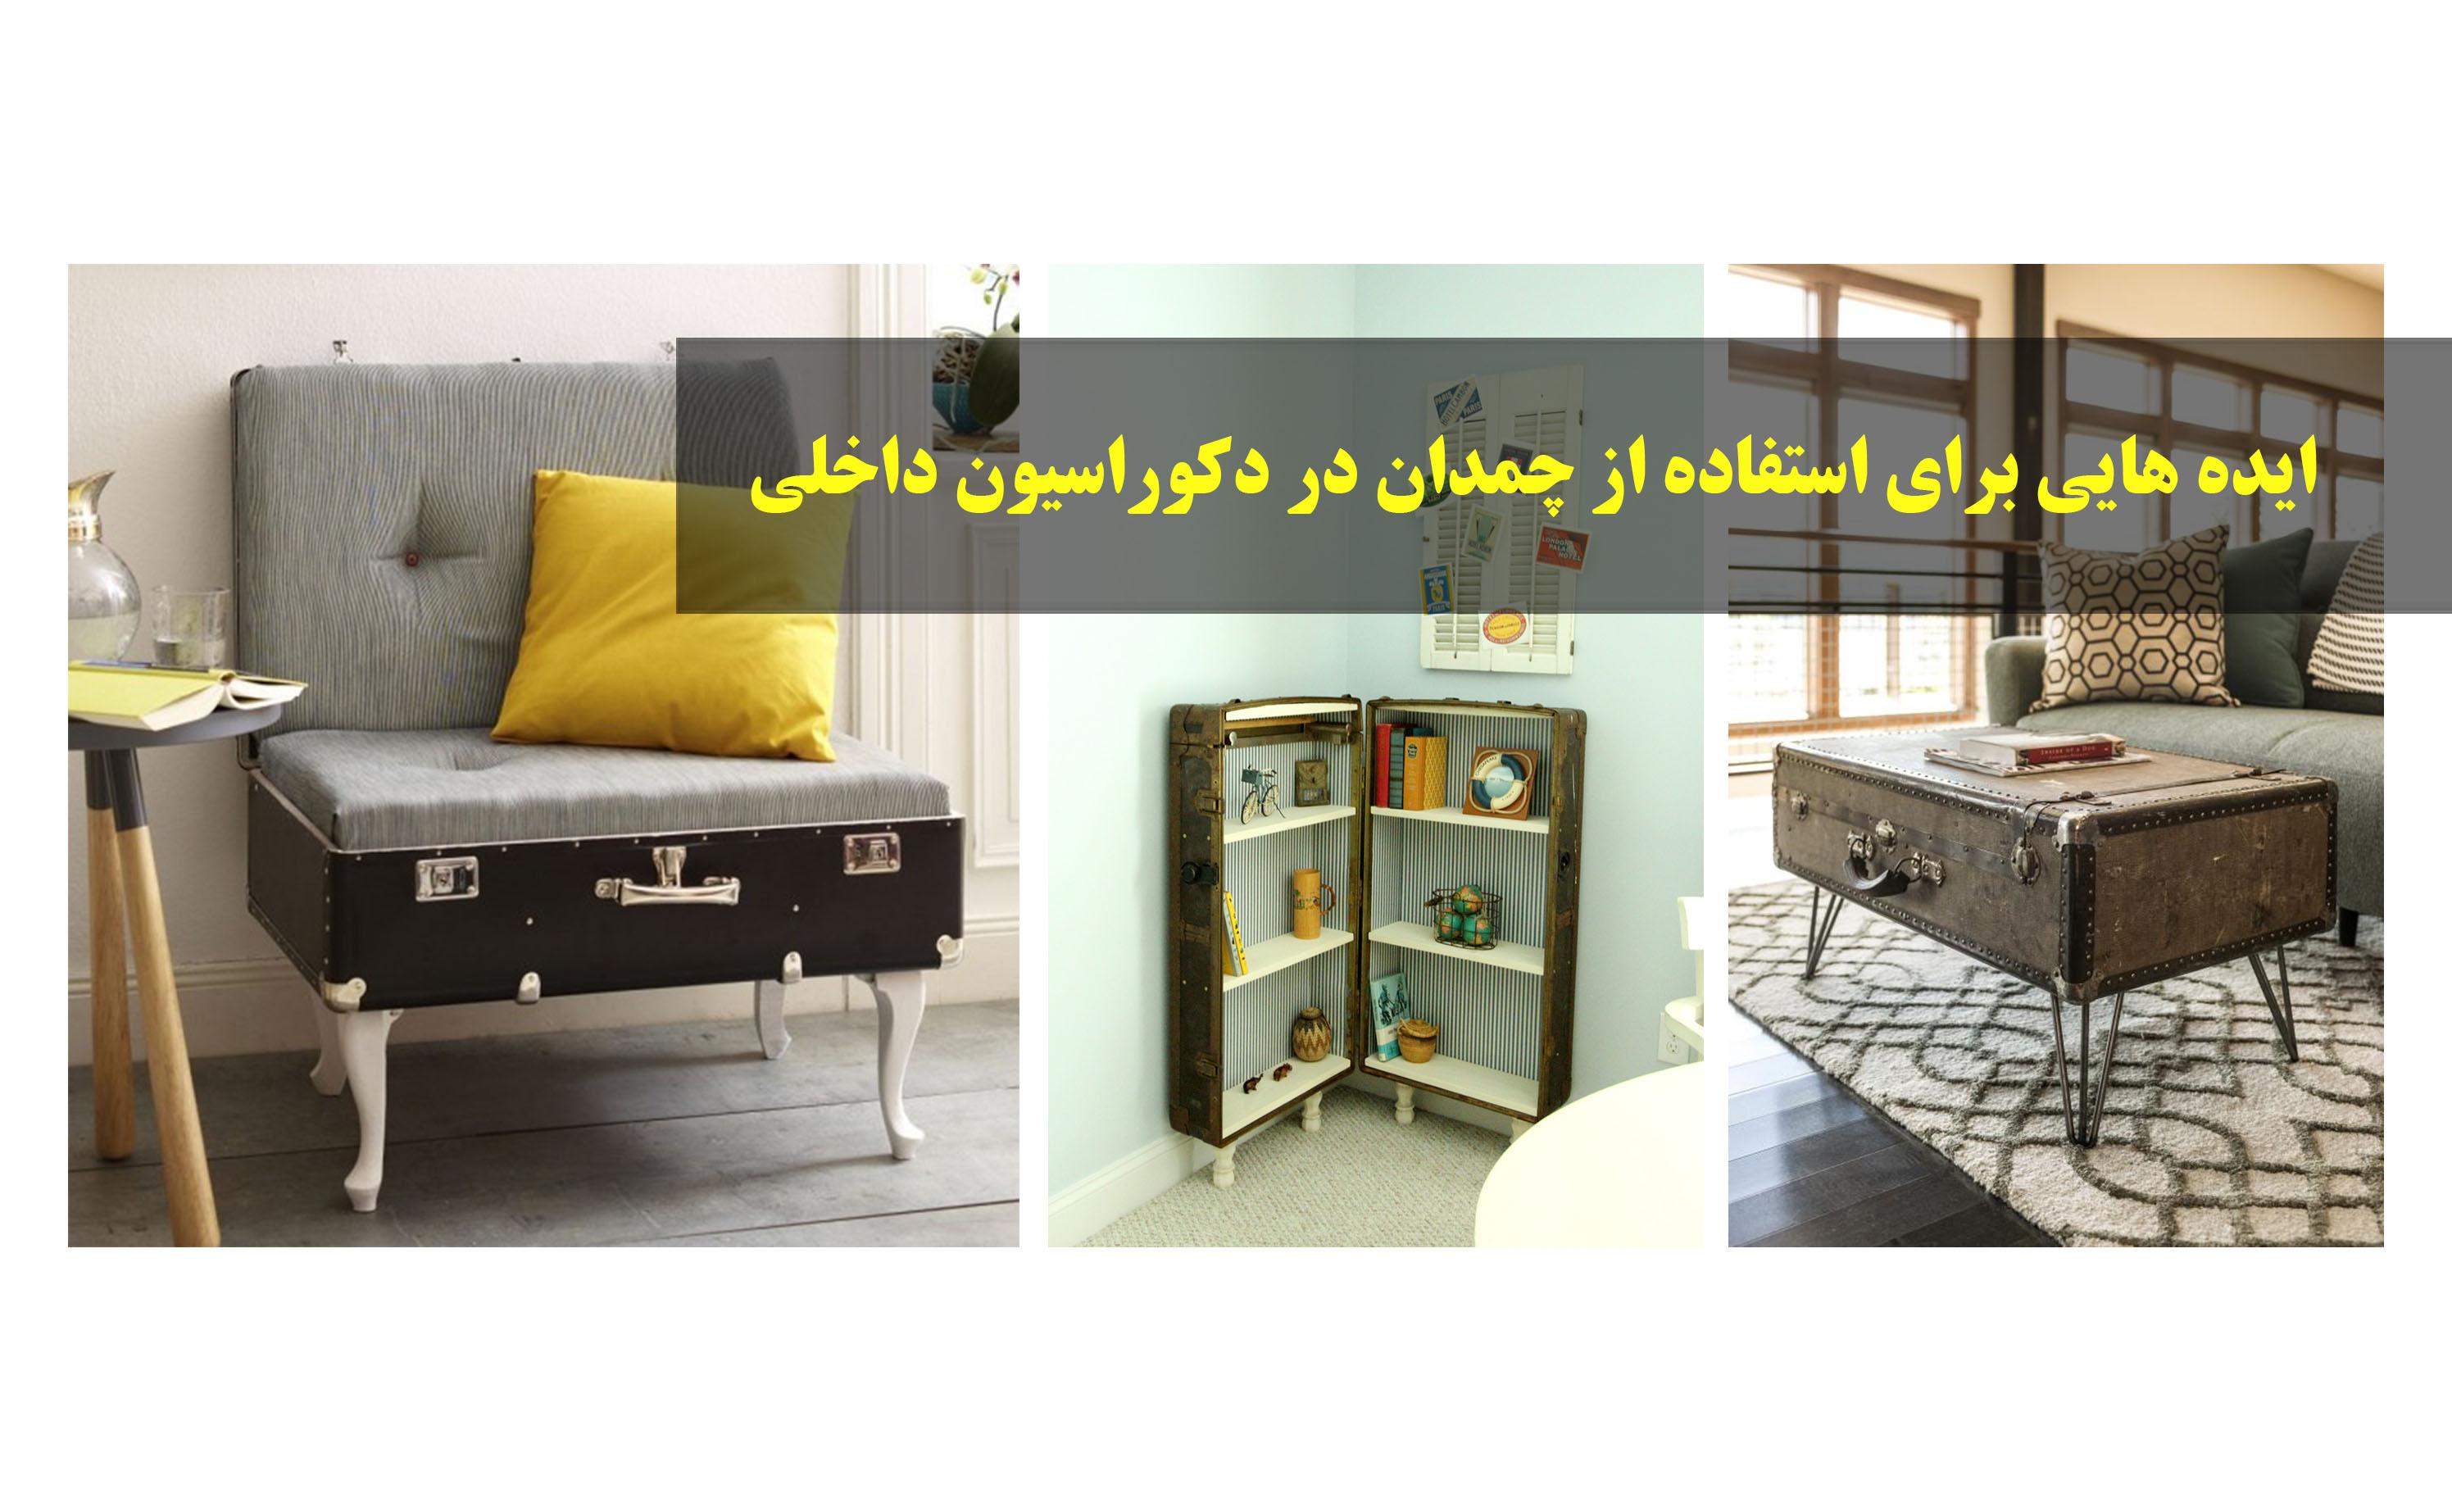 ایده هایی برای استفاده از چمدان در دکوراسیون داخلی